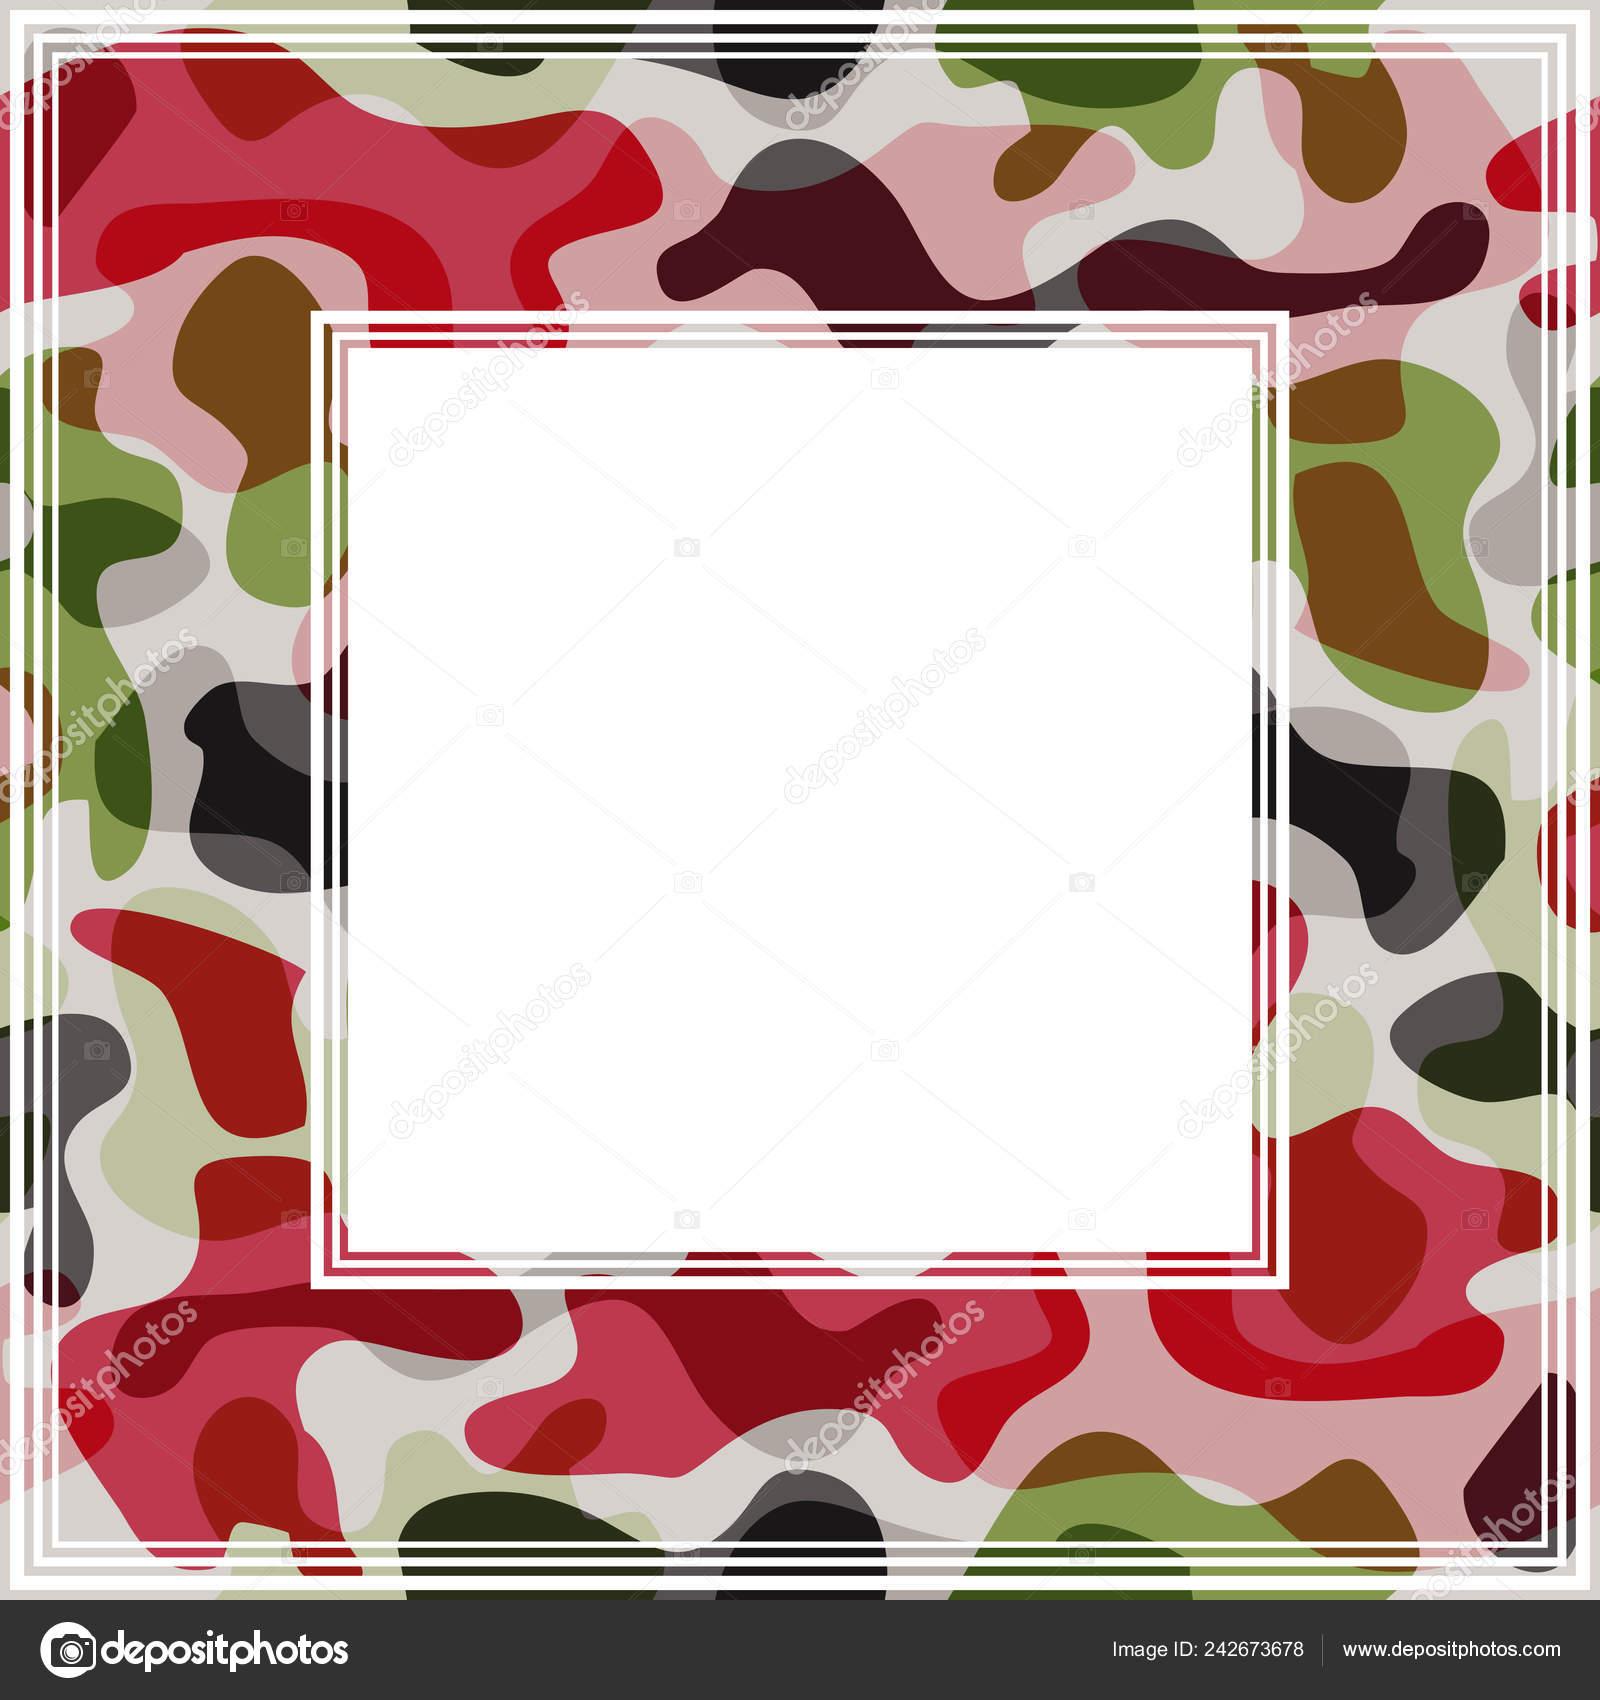 Camo border clip art.